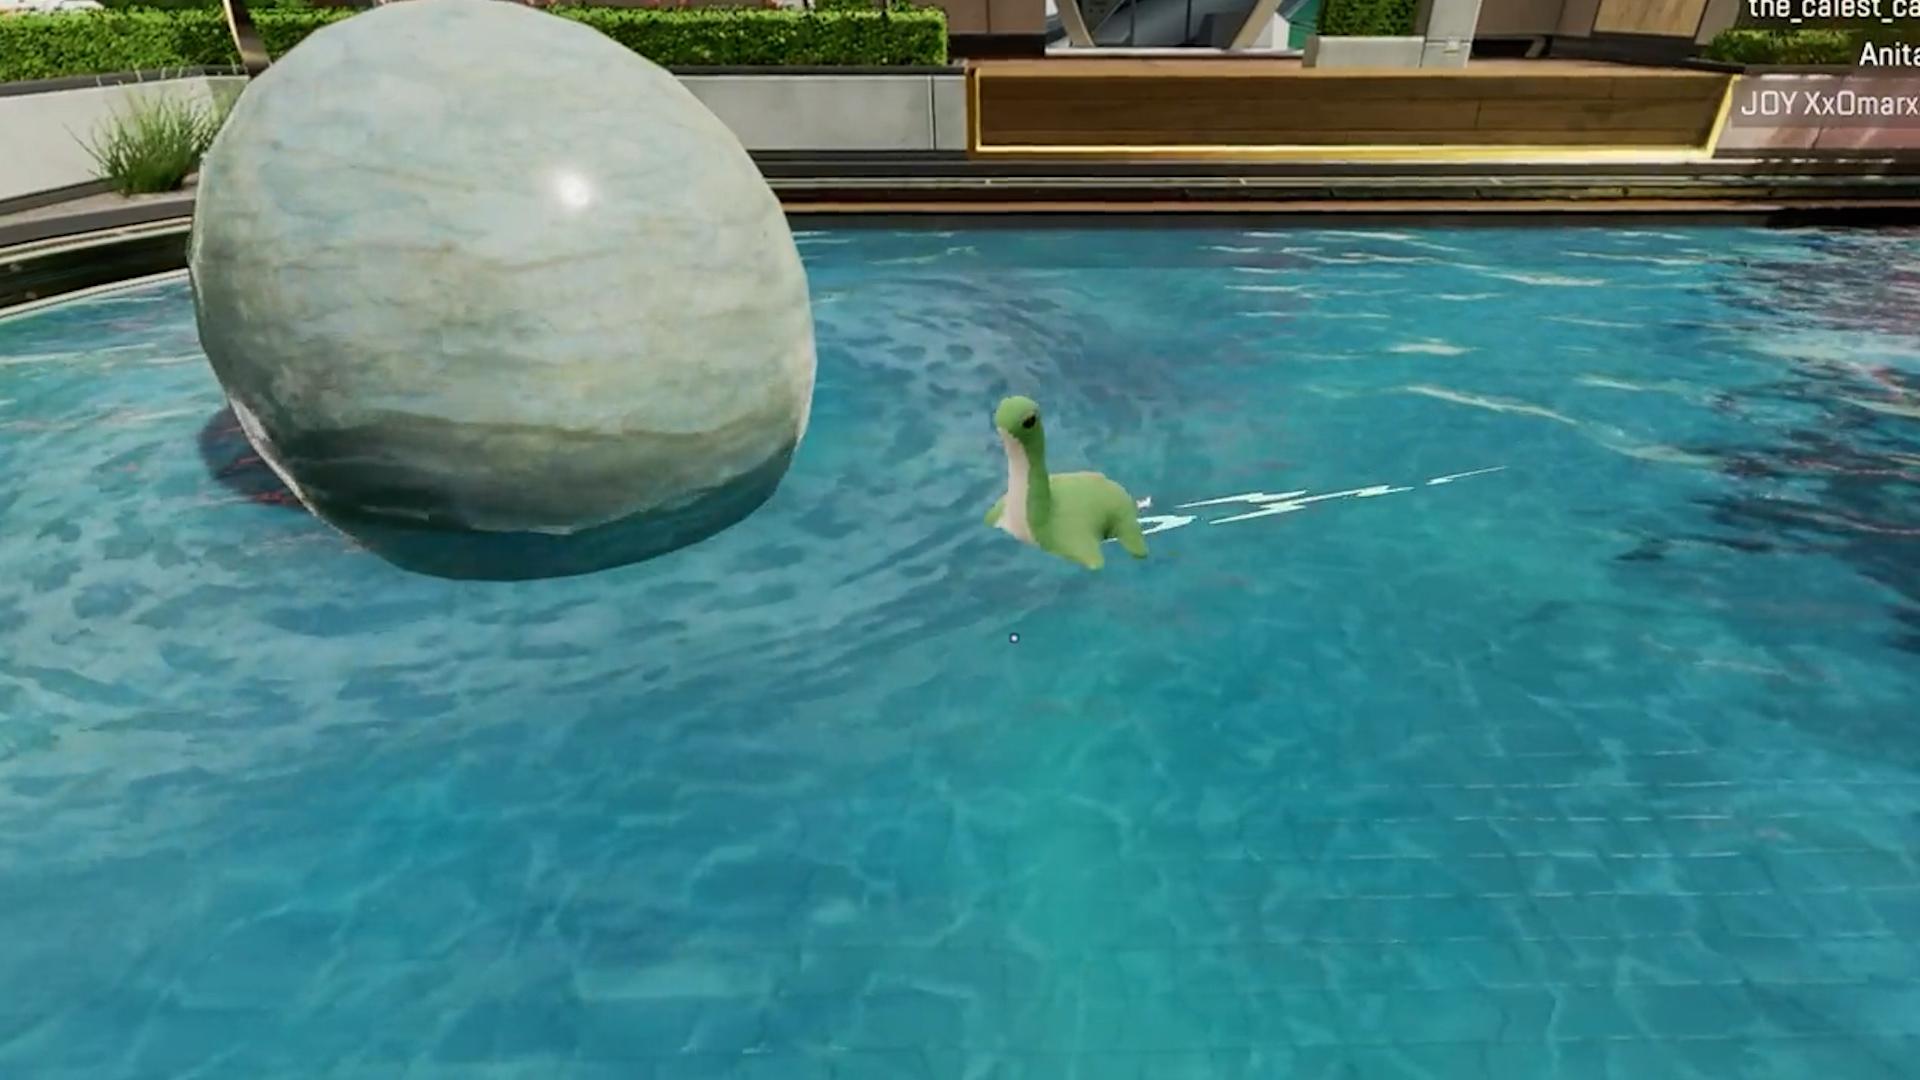 【癒やし】APEXファン「ネッシーを泳がせてみたよ」